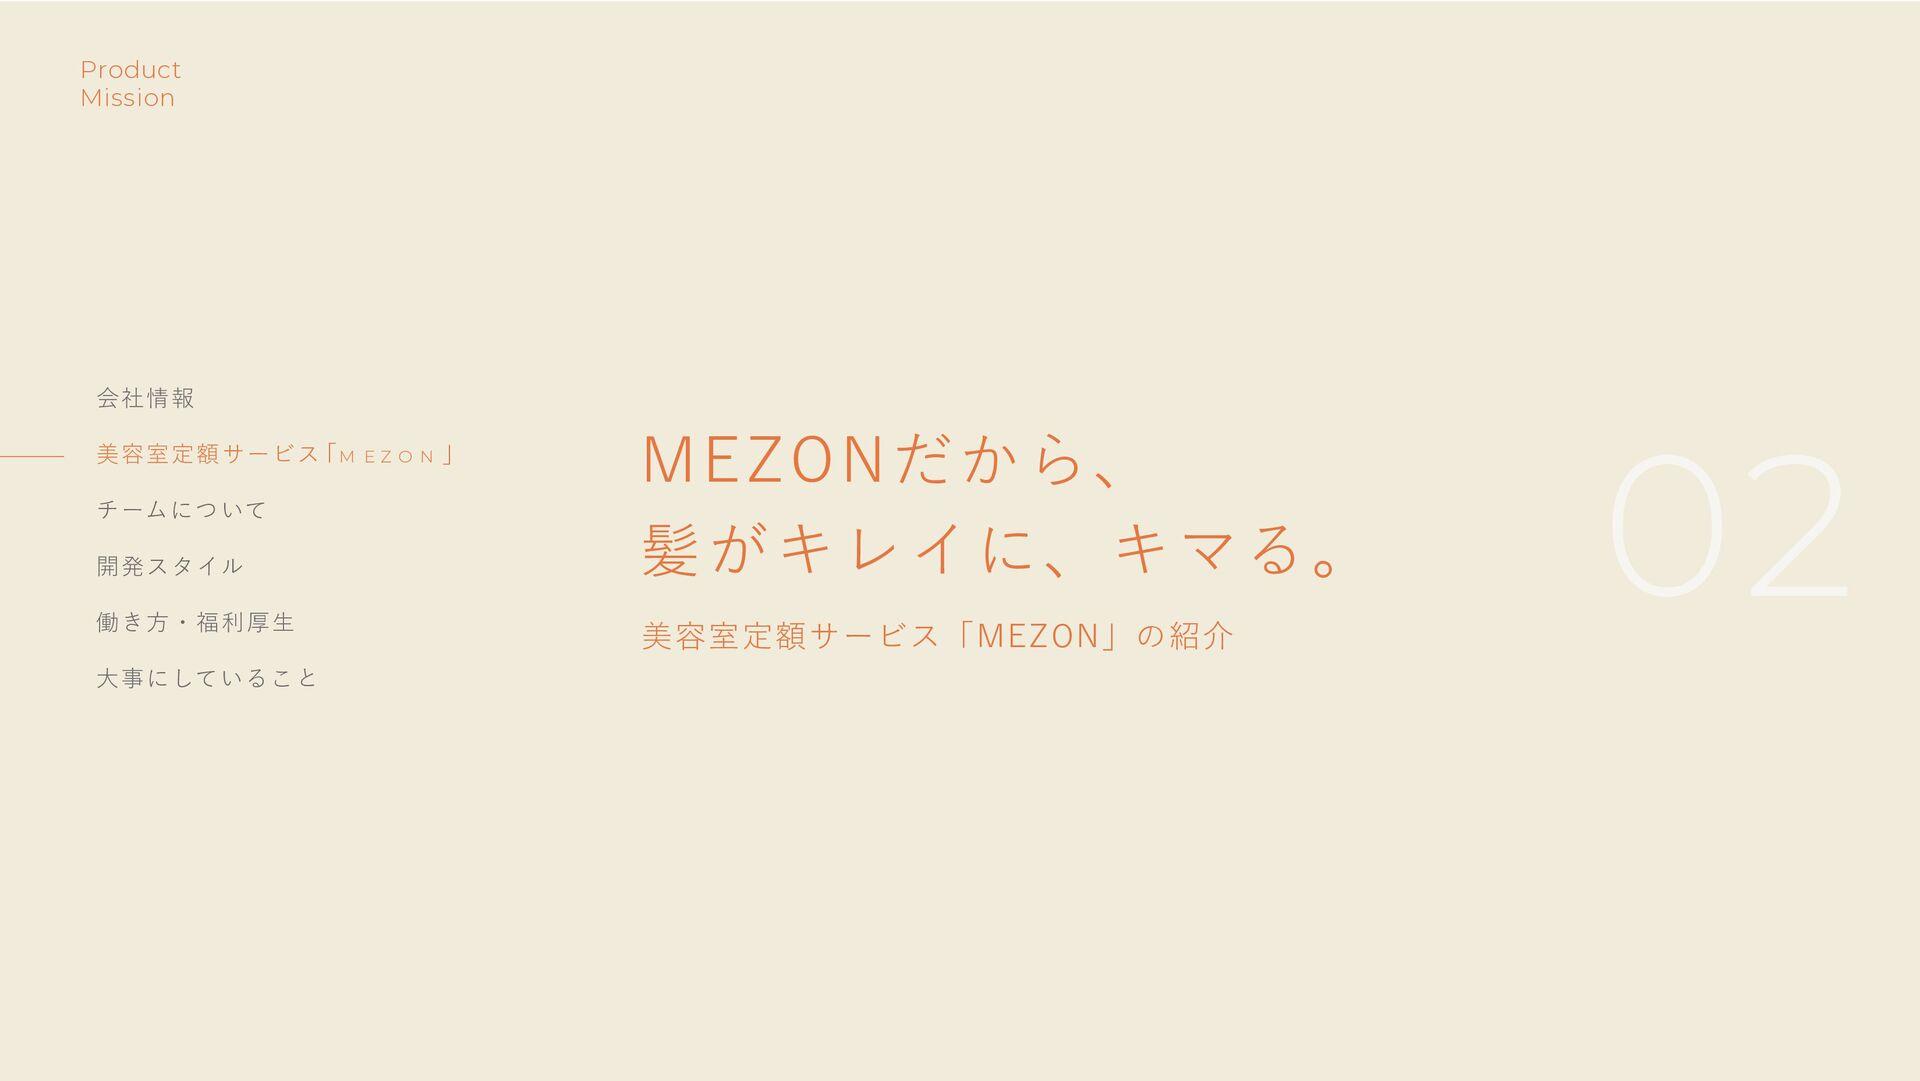 会社情報 MEZONだから、 髪がキレイに、キマる。 美容室定額サービス「MEZON」の紹介 ...